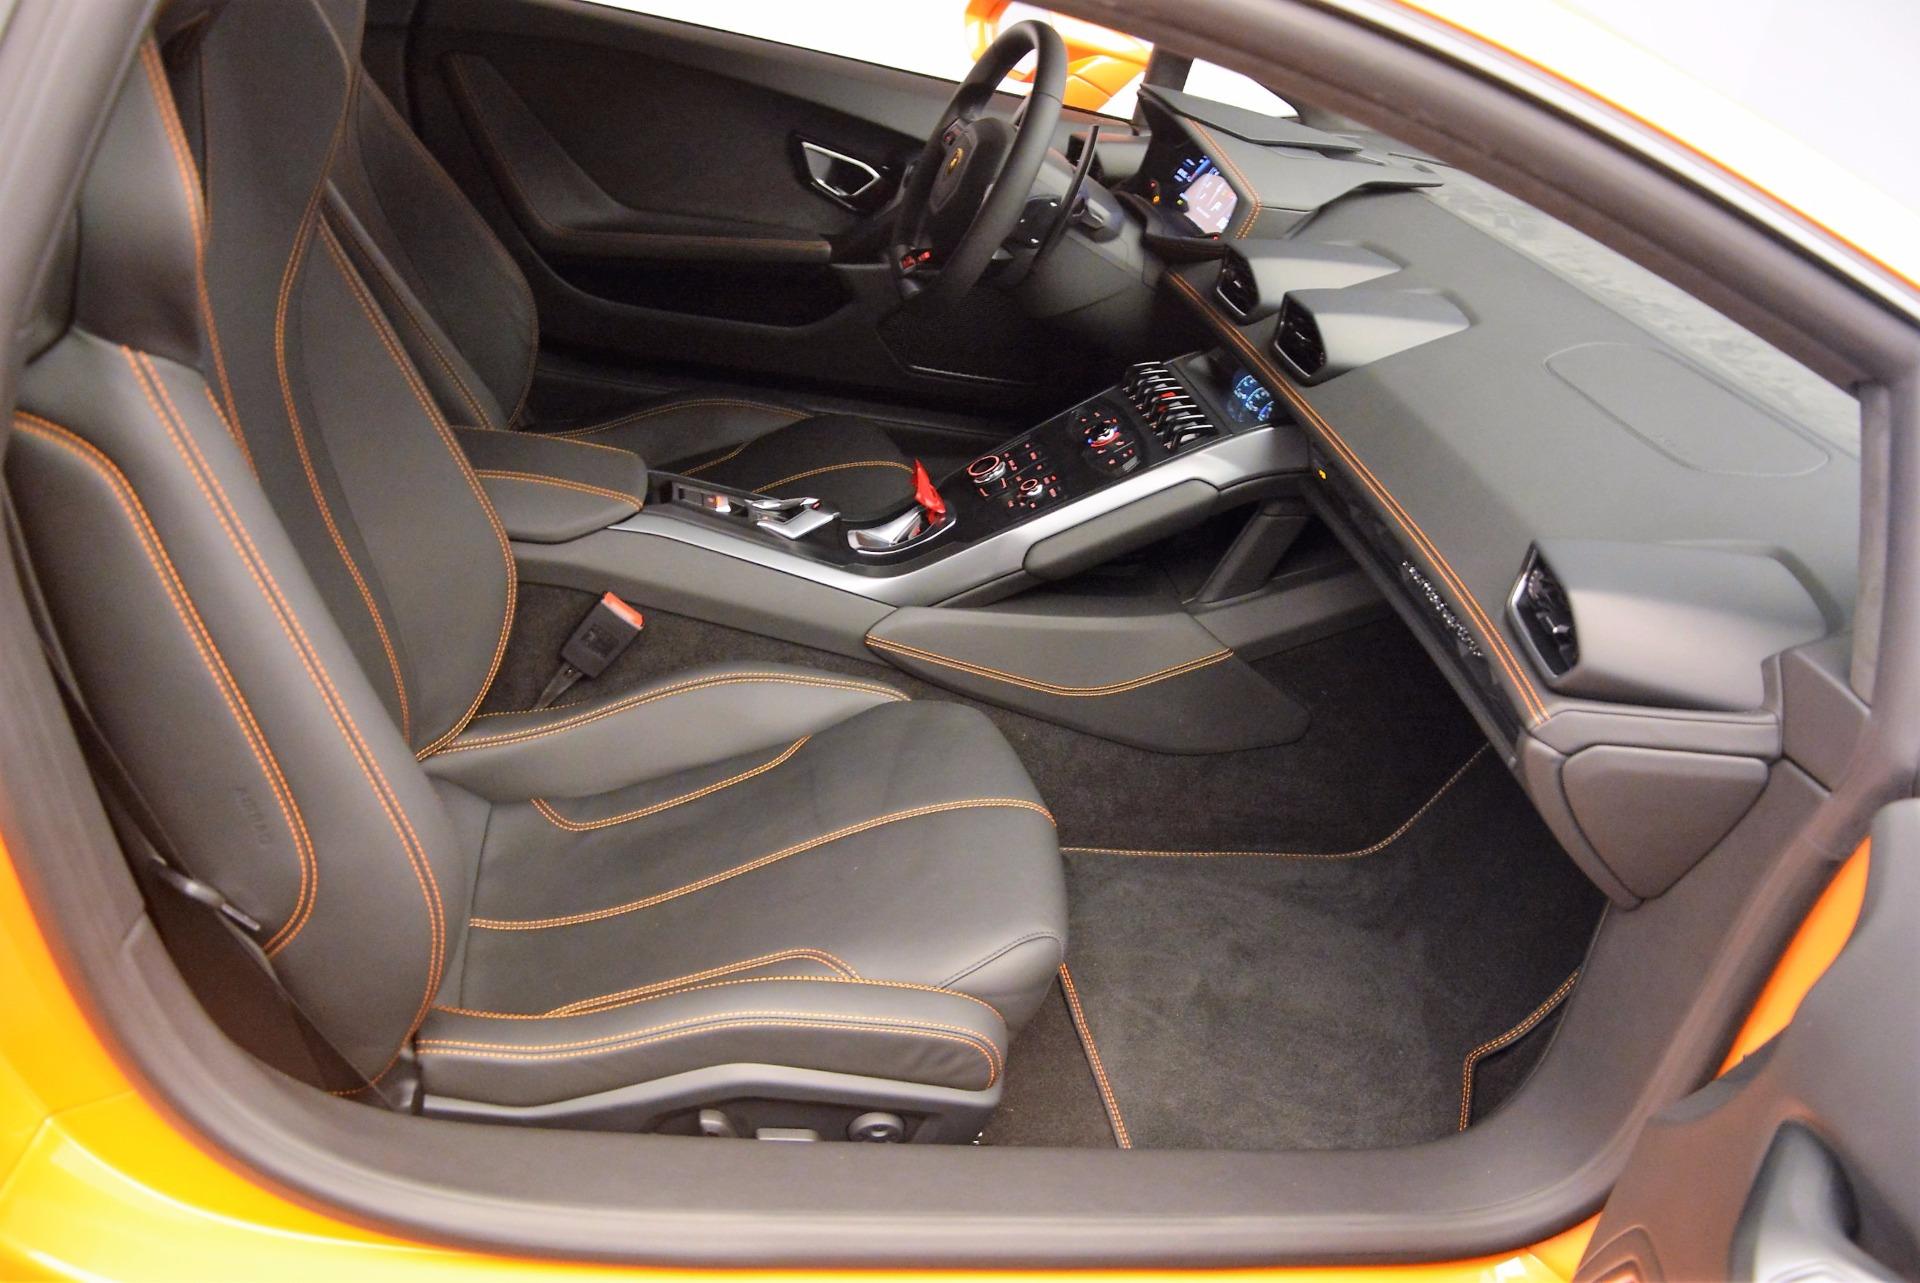 Used 2015 Lamborghini Huracan LP 610-4 For Sale In Westport, CT 621_p18